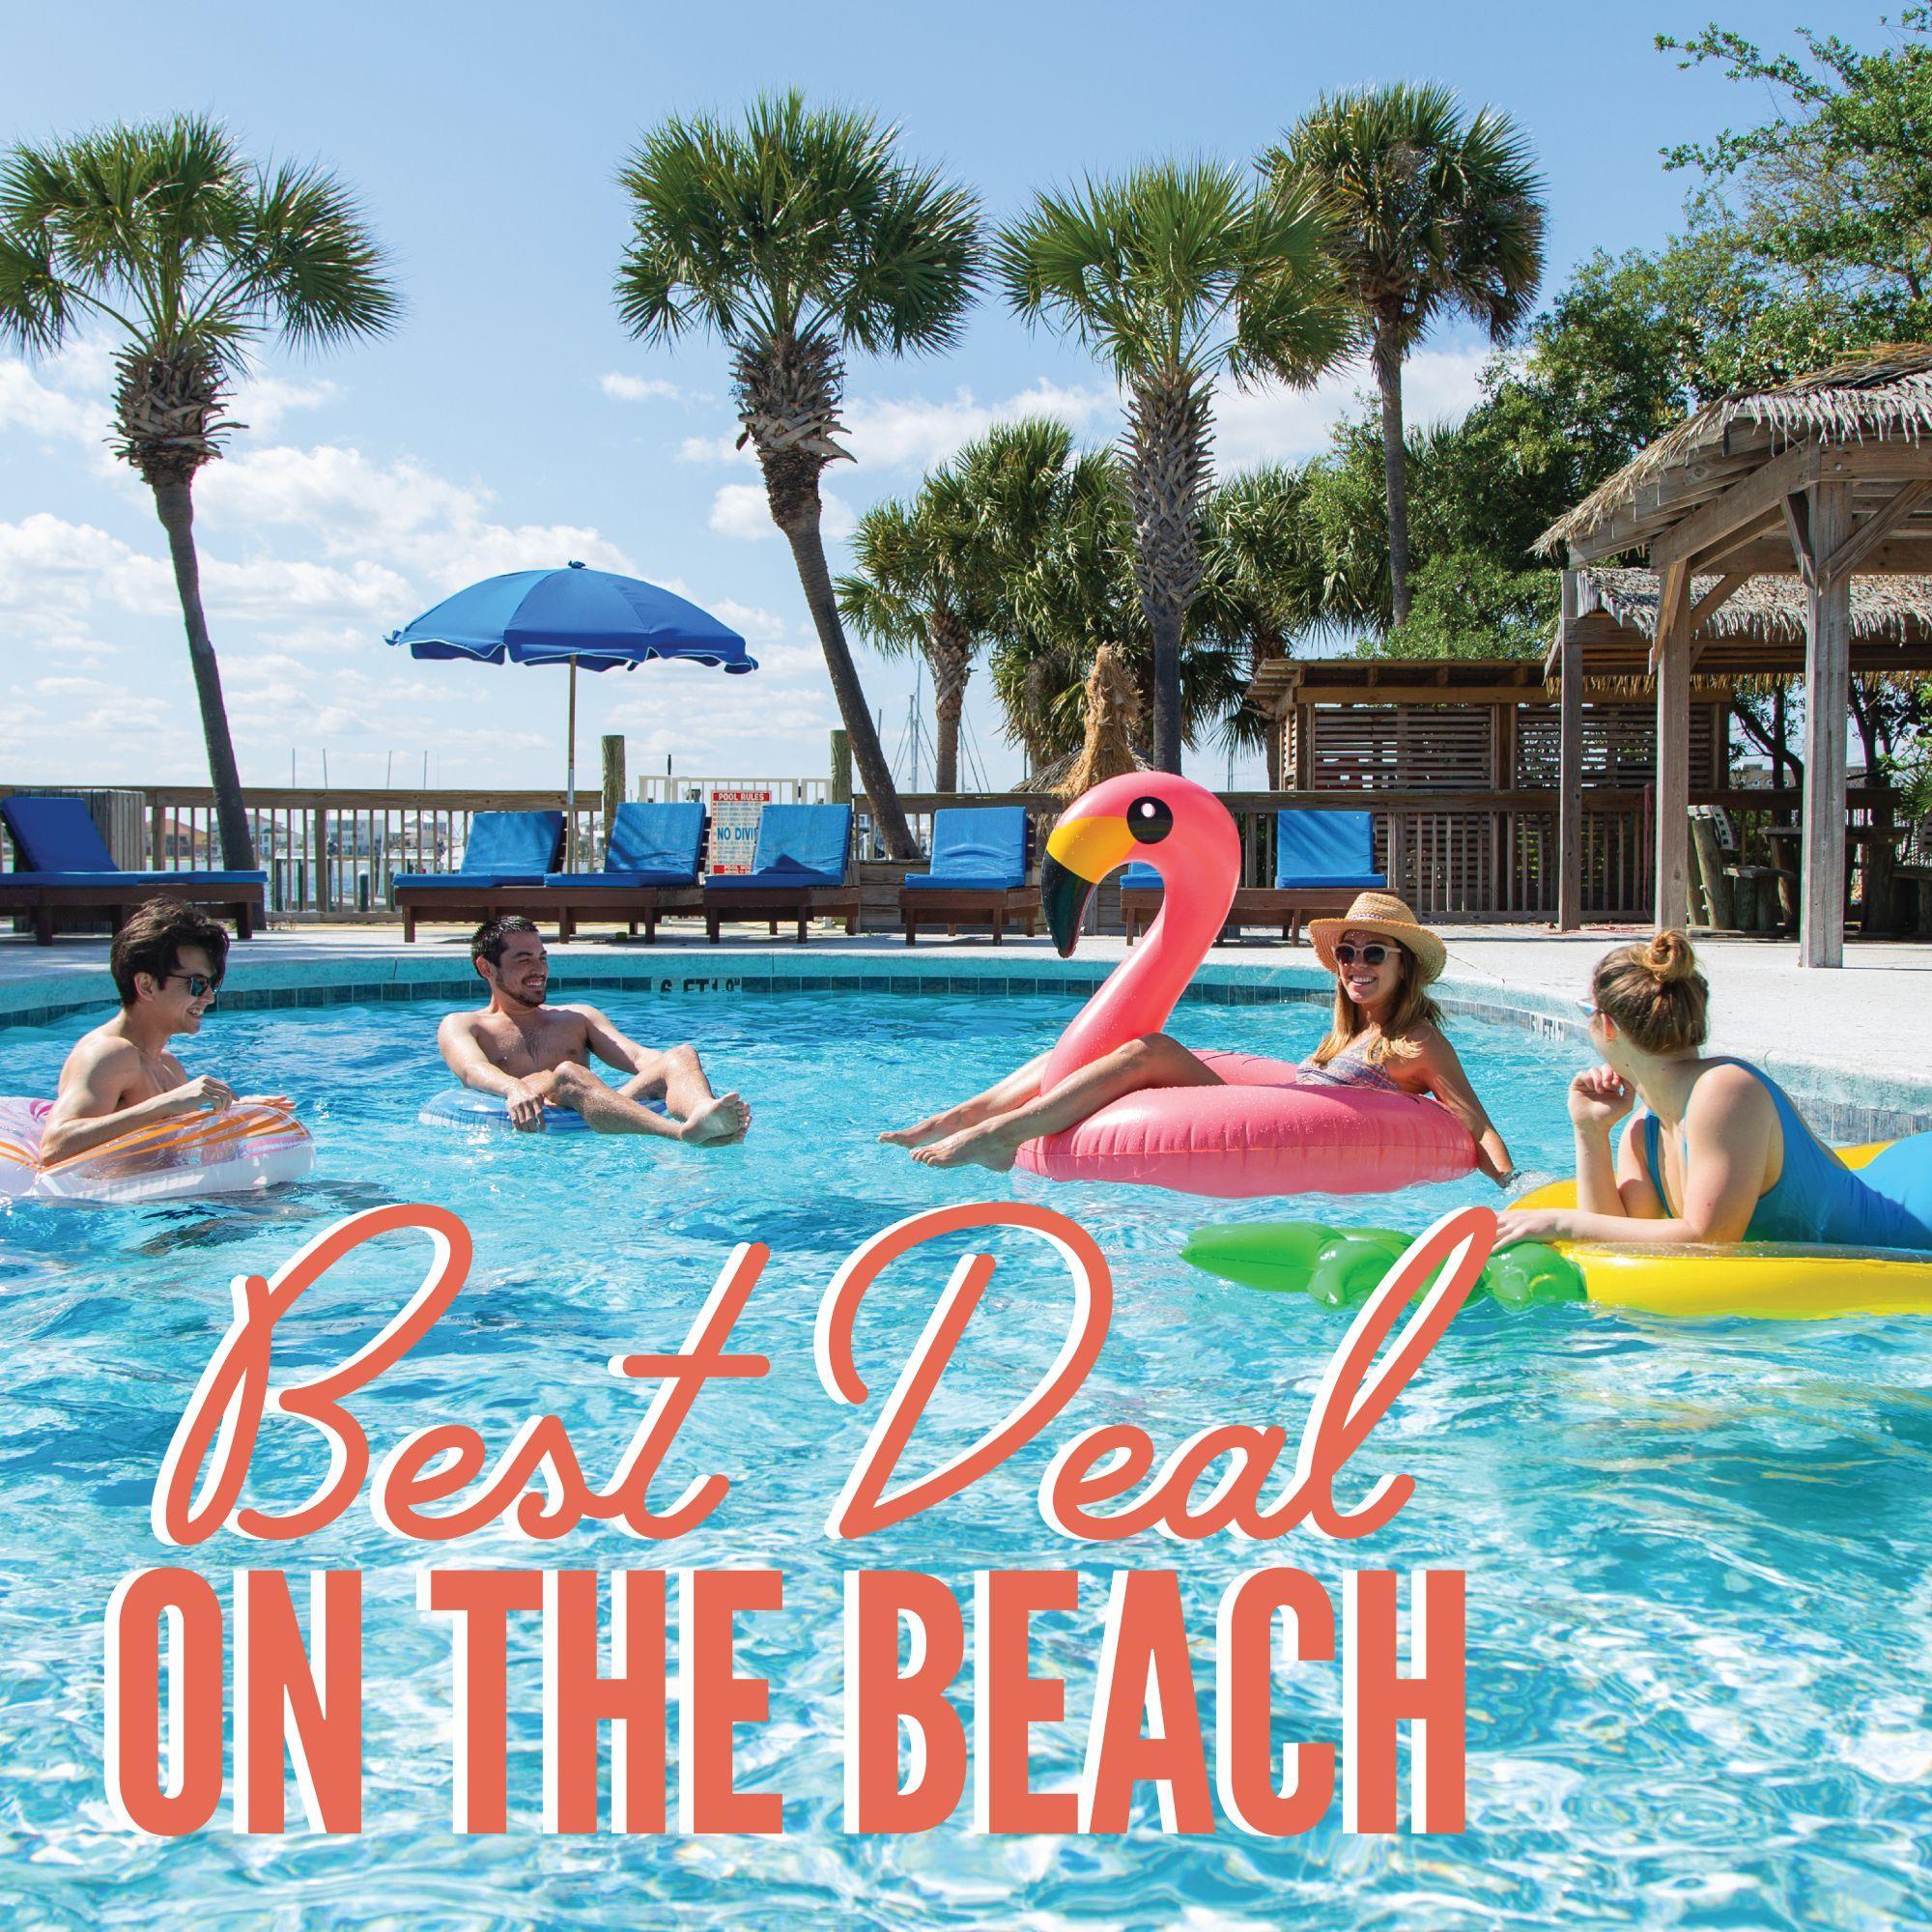 Best Deal On The Beach Surf Sand Florida Vacation Spots Restaurant On The Beach Pensacola Beach